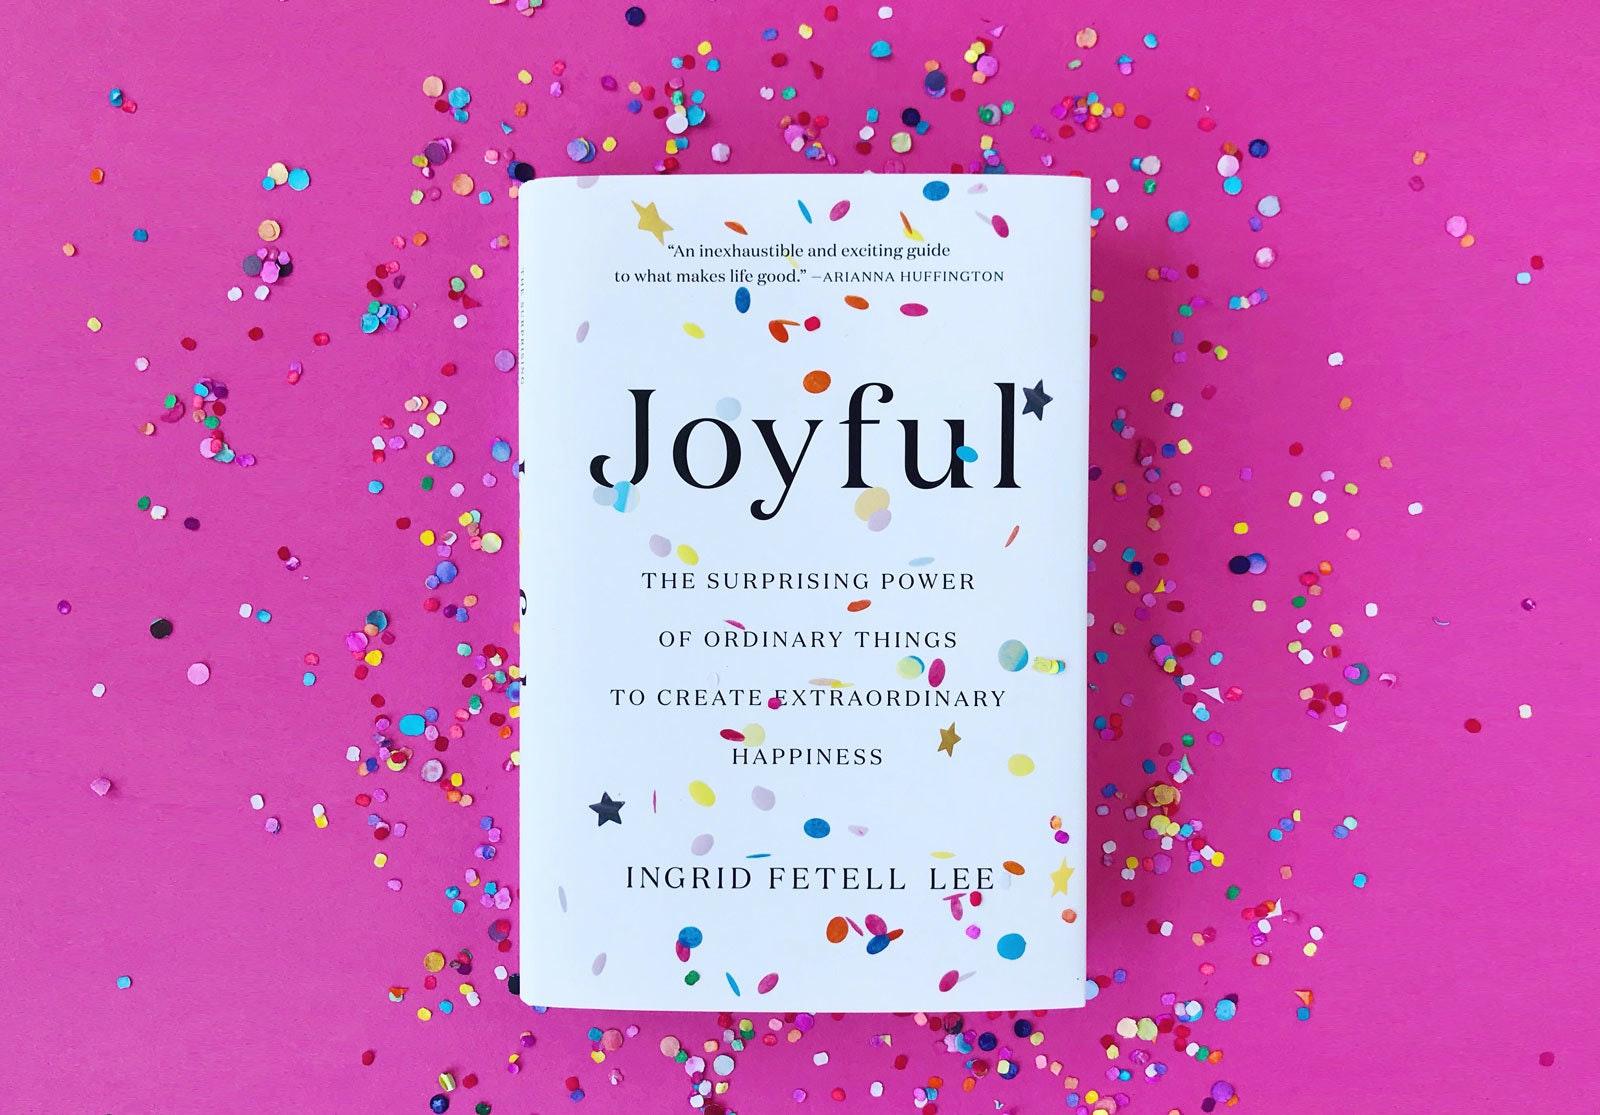 Joyful Book Cover